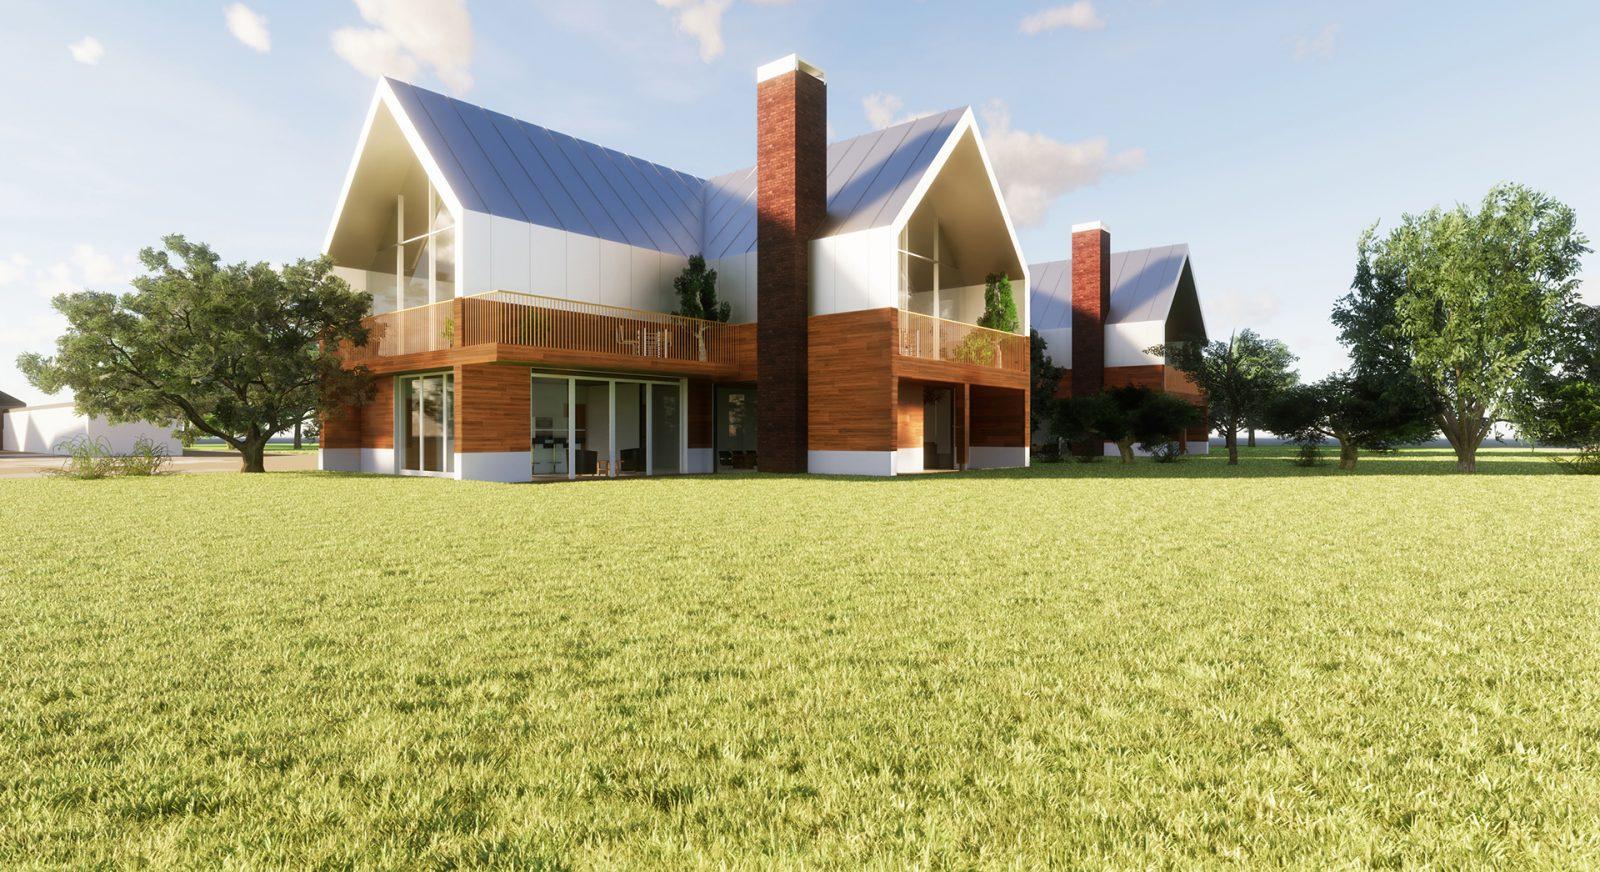 FT birklands vinery guernsey modern houses architects jersey 1 3